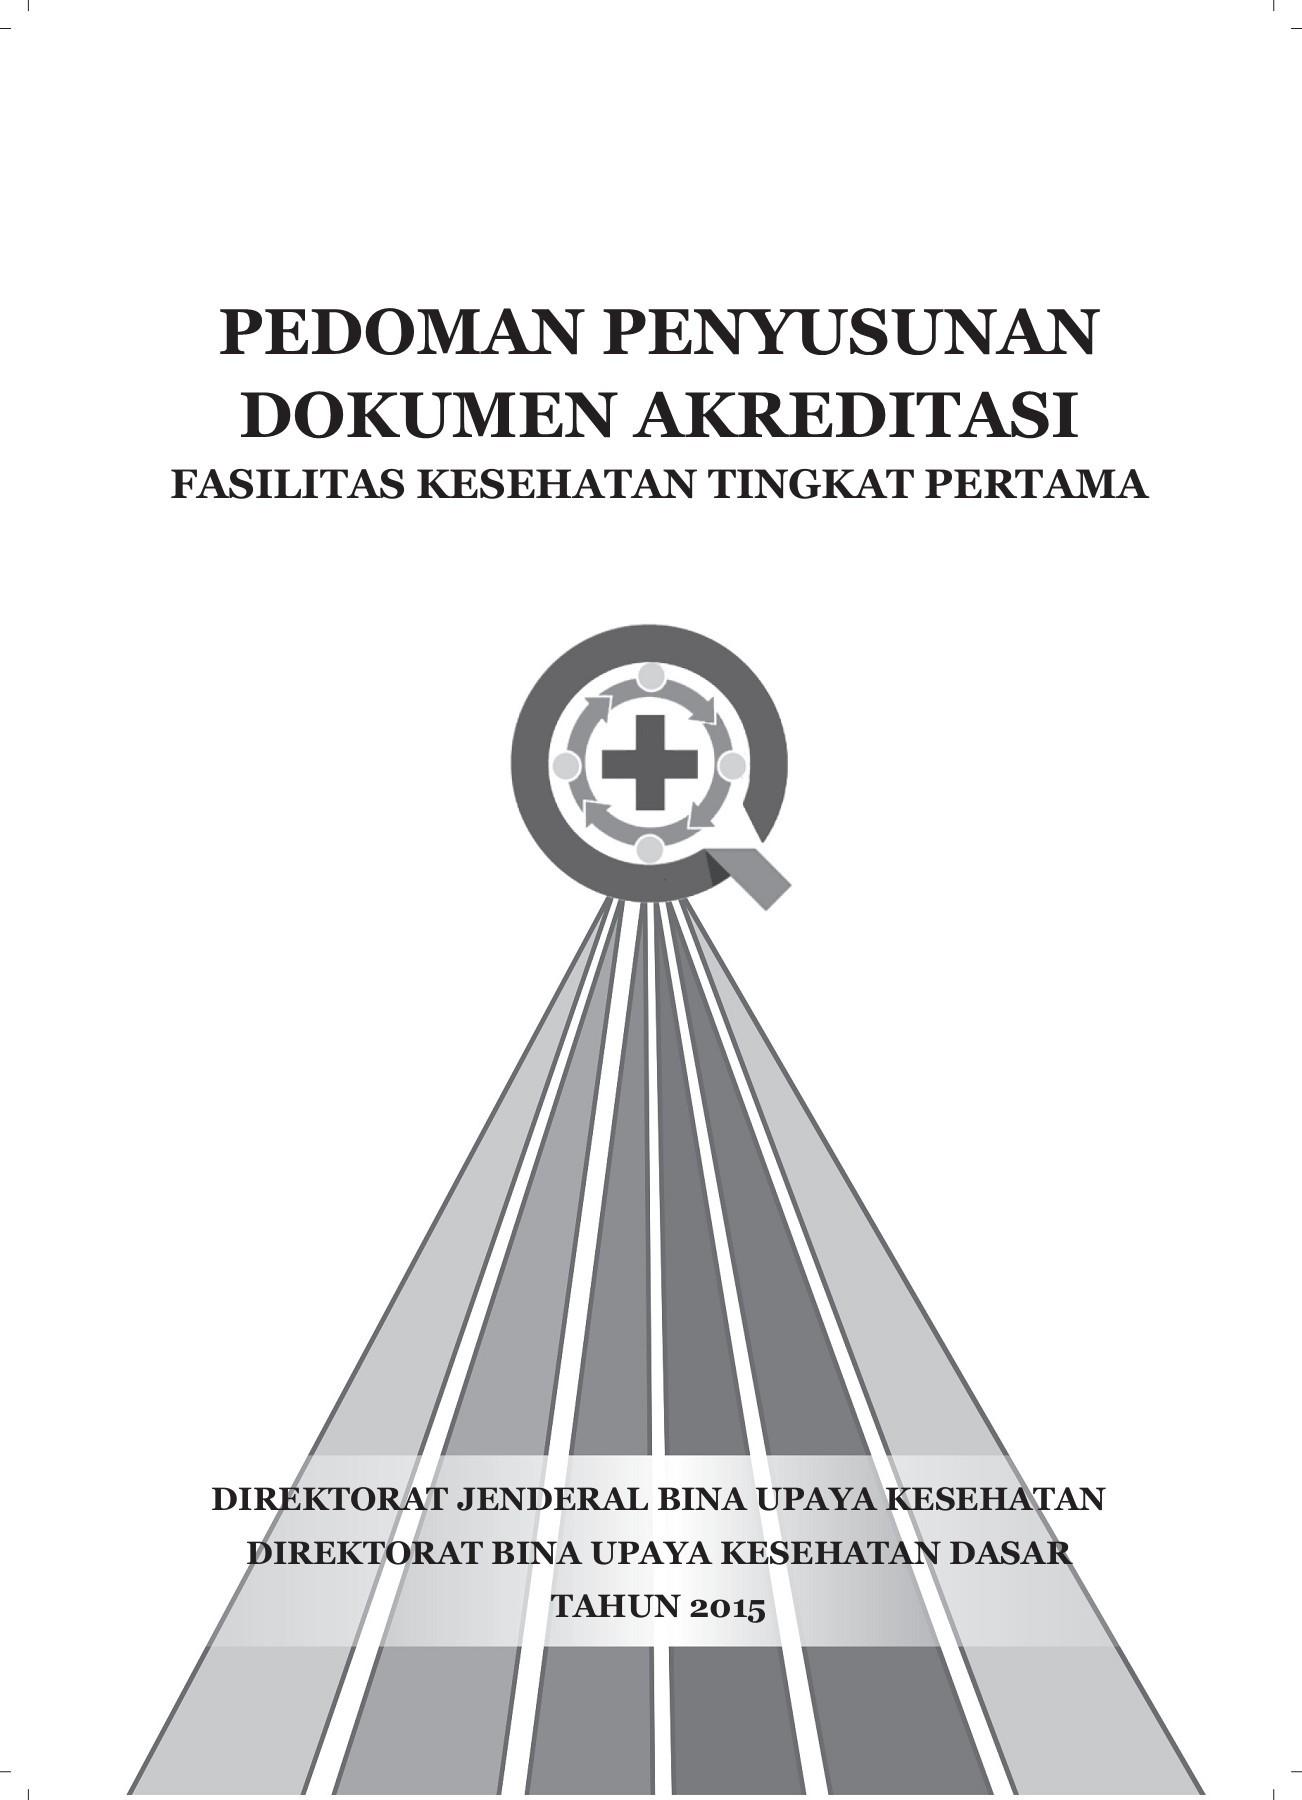 Logo Akreditasi Puskesmas : akreditasi, puskesmas, PENYUSUNAN-DOKUMEN-AKREDITASI-pdf